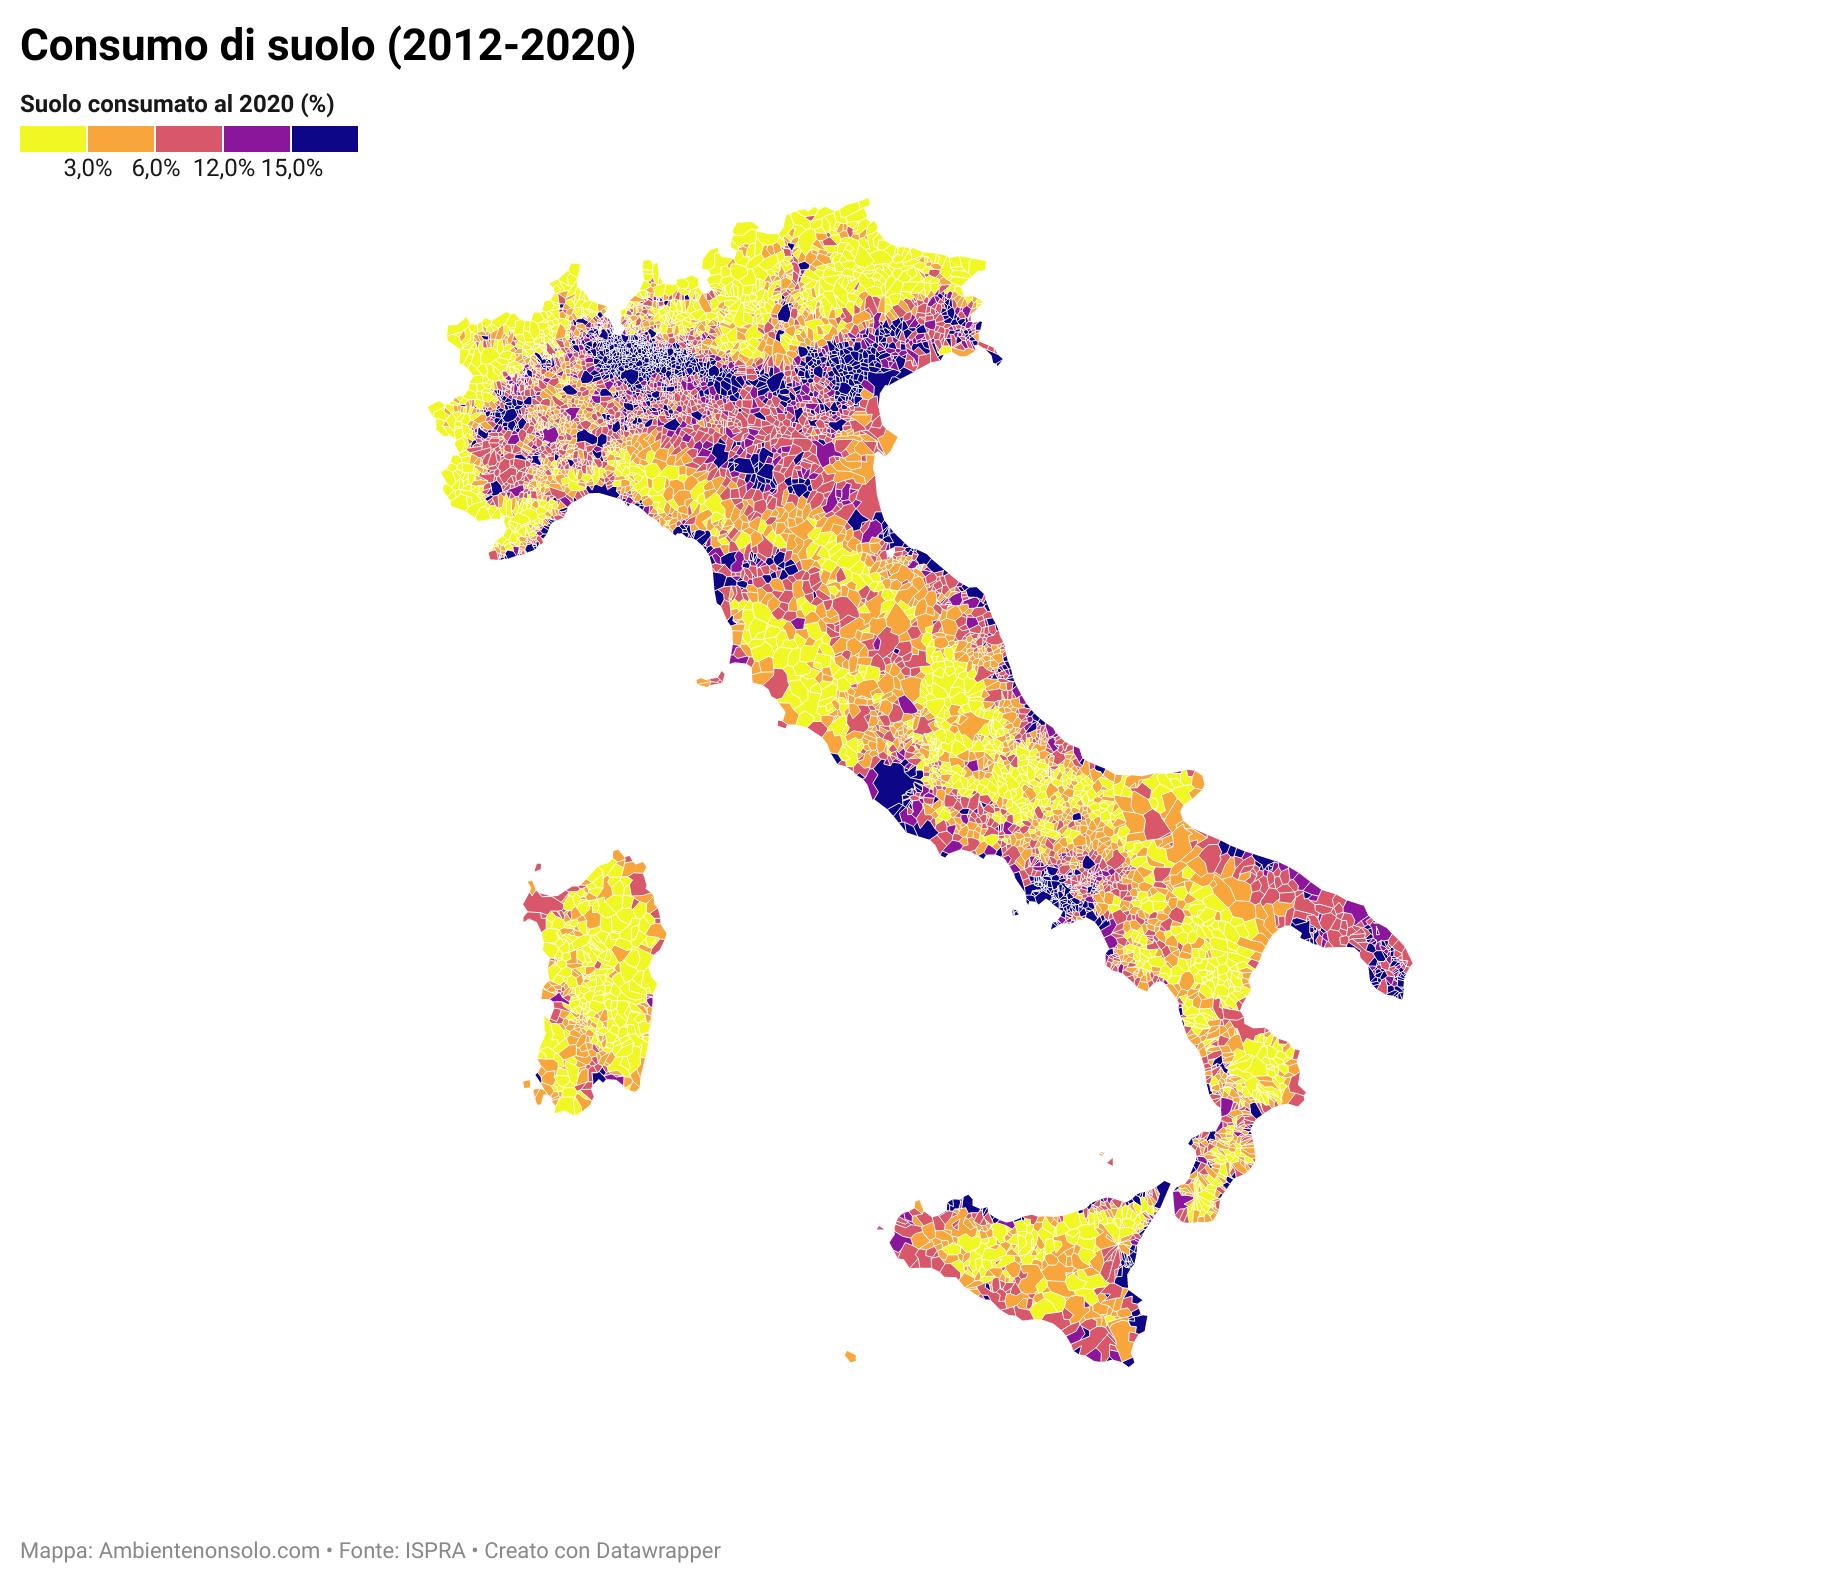 consumo-di-suolo-2012-2020